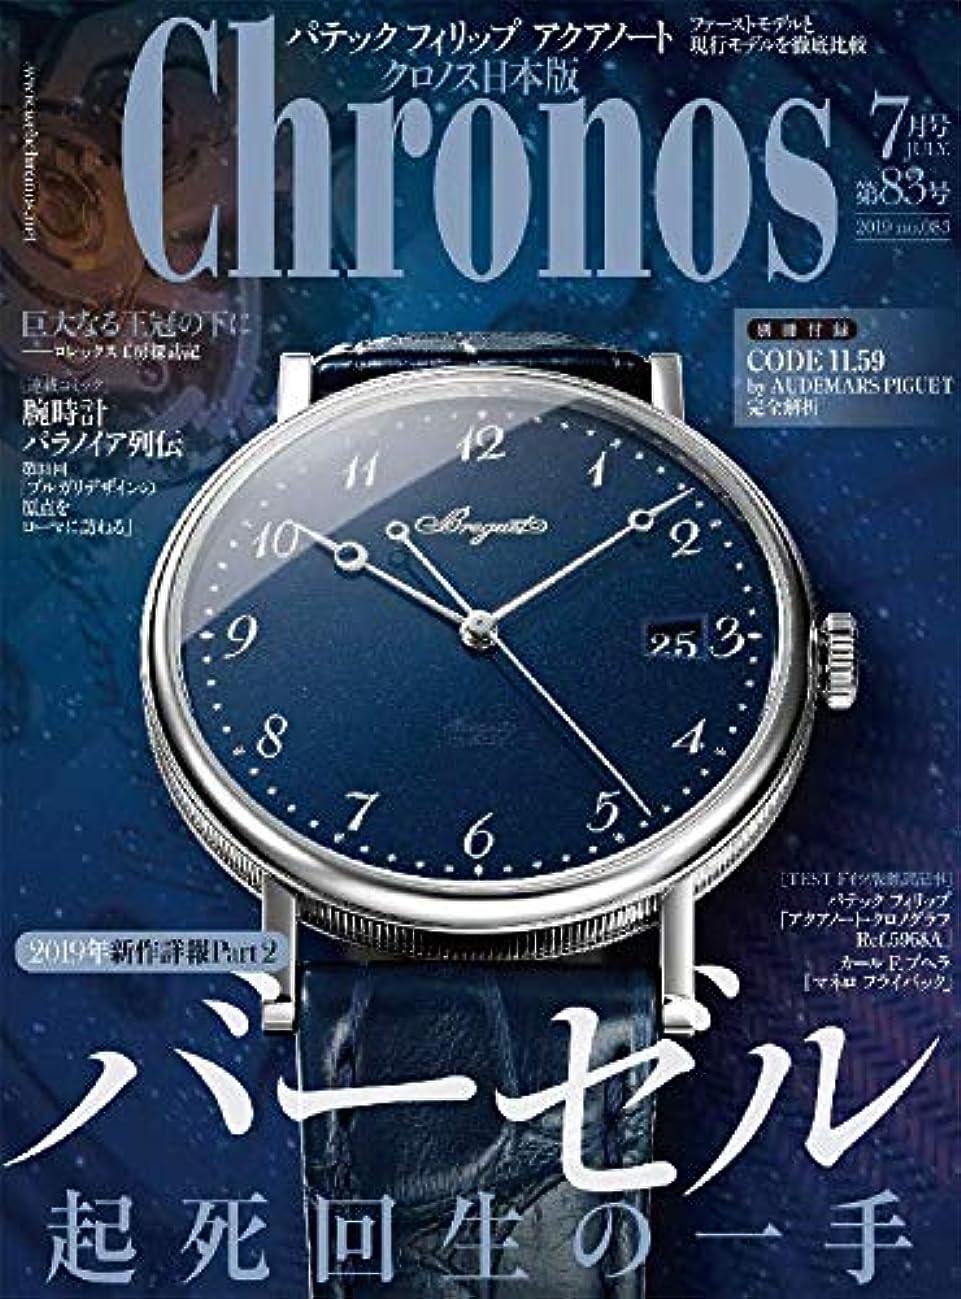 苦情文句違う電気的クロノス日本版 no.083